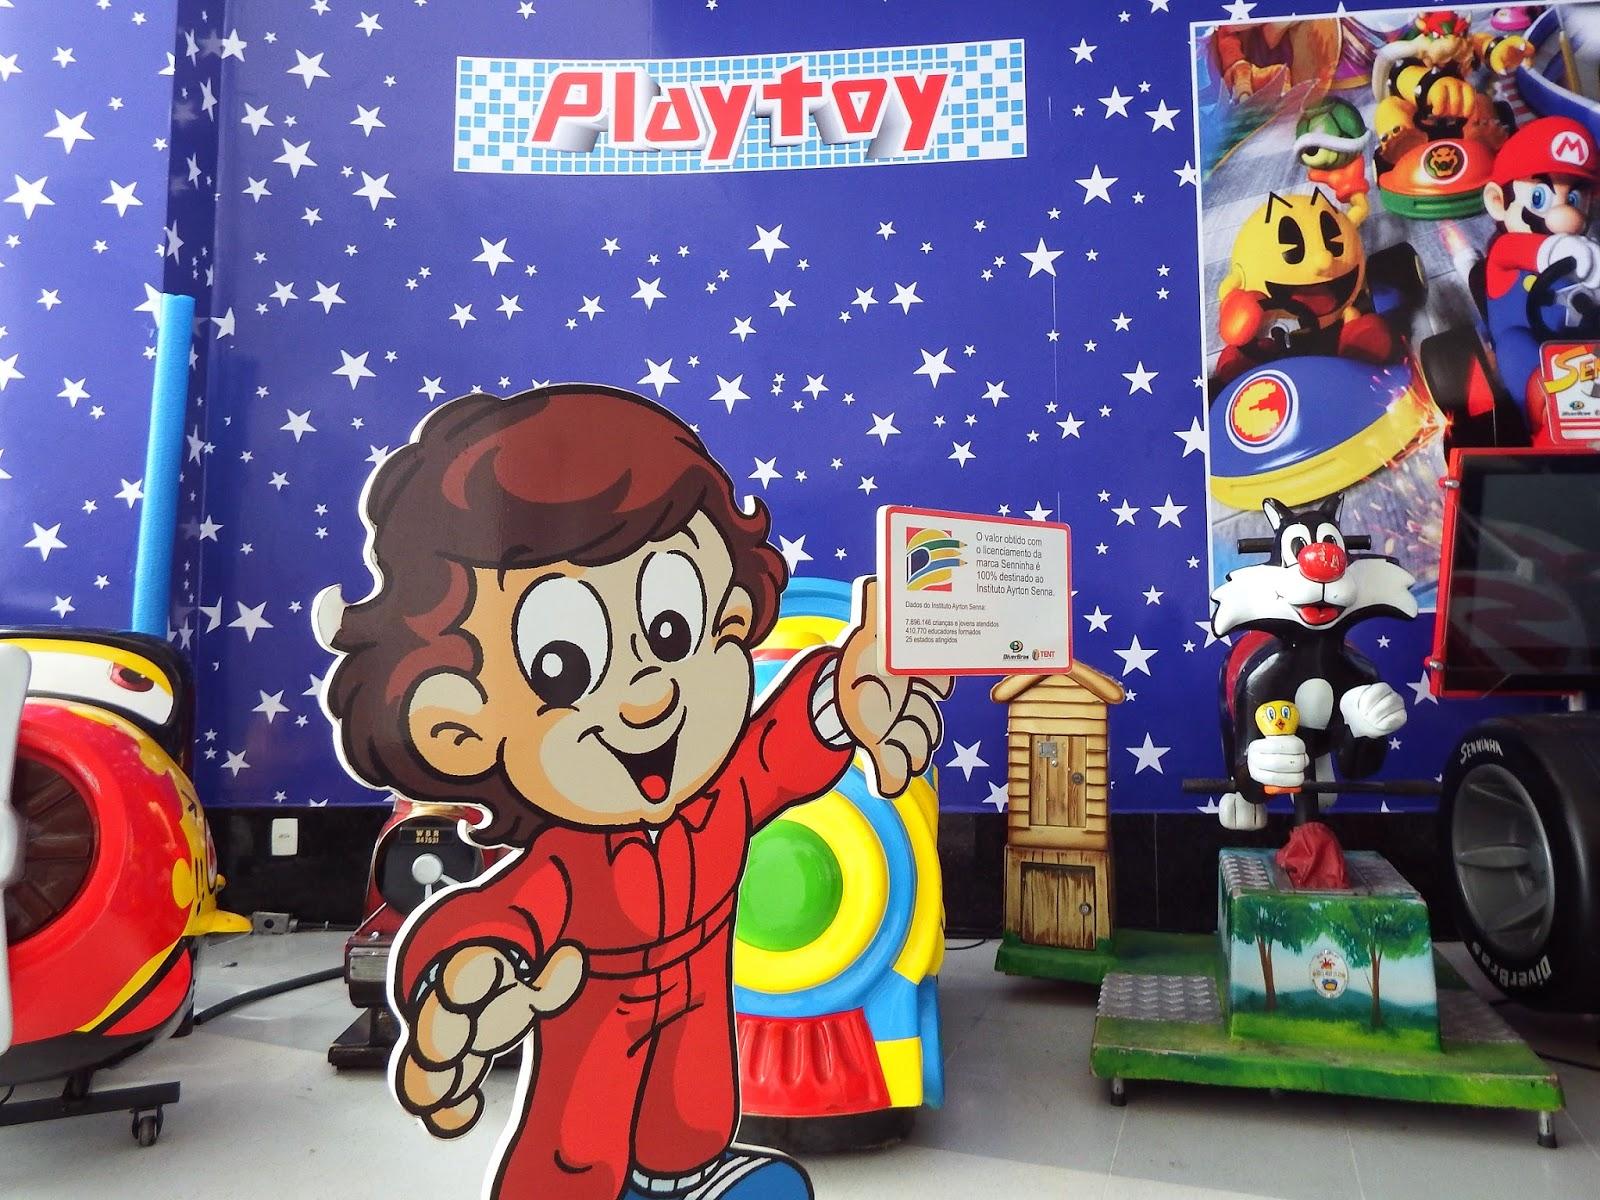 Playtoy Park anima a criançada no Pátio Alcântara